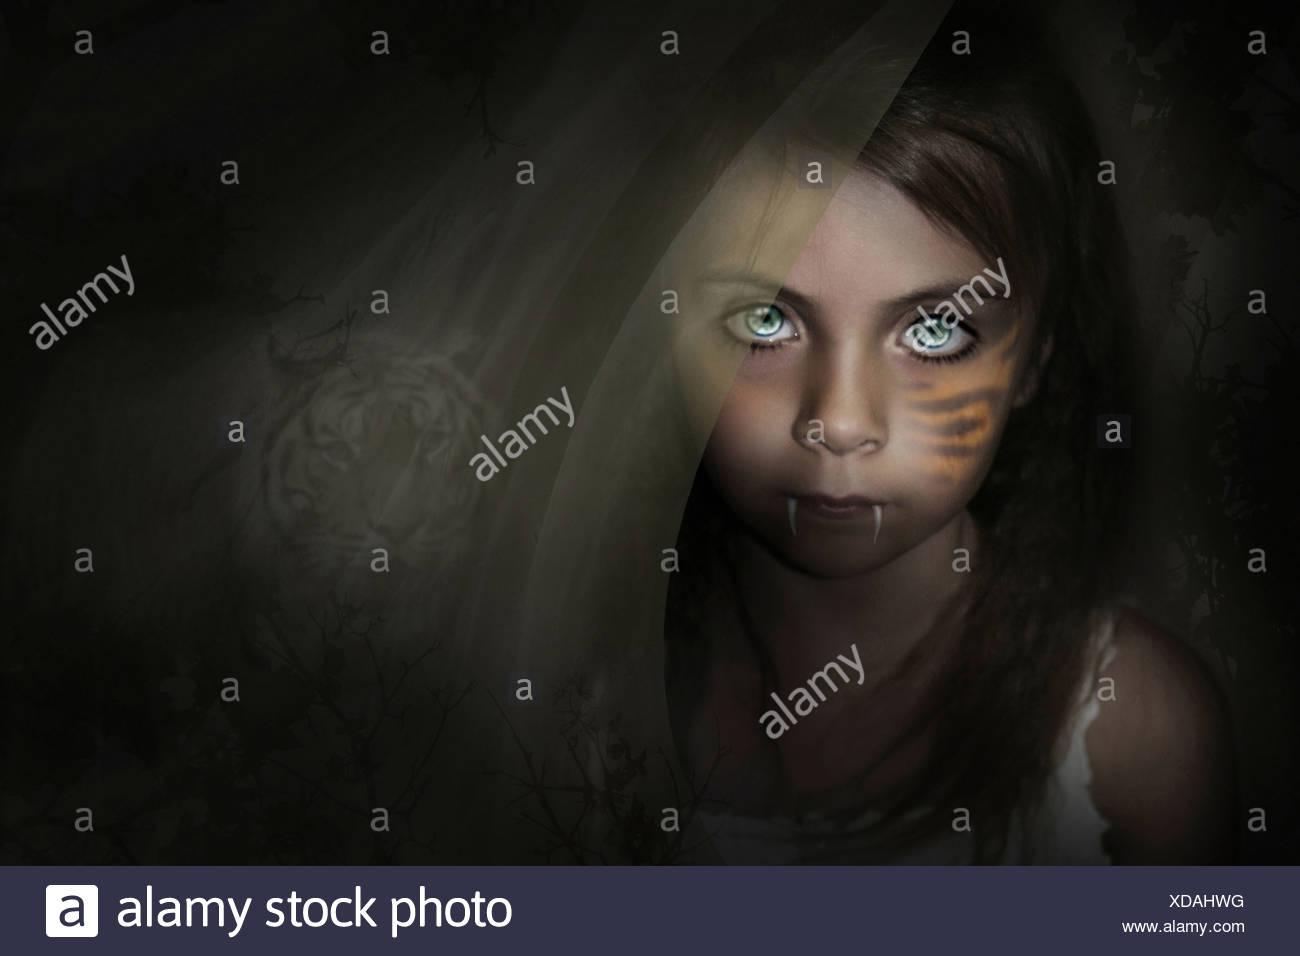 Immagine di fantasia con un giovane bambino con zanne e una tigre lo sfondo dietro di lei. Immagini Stock